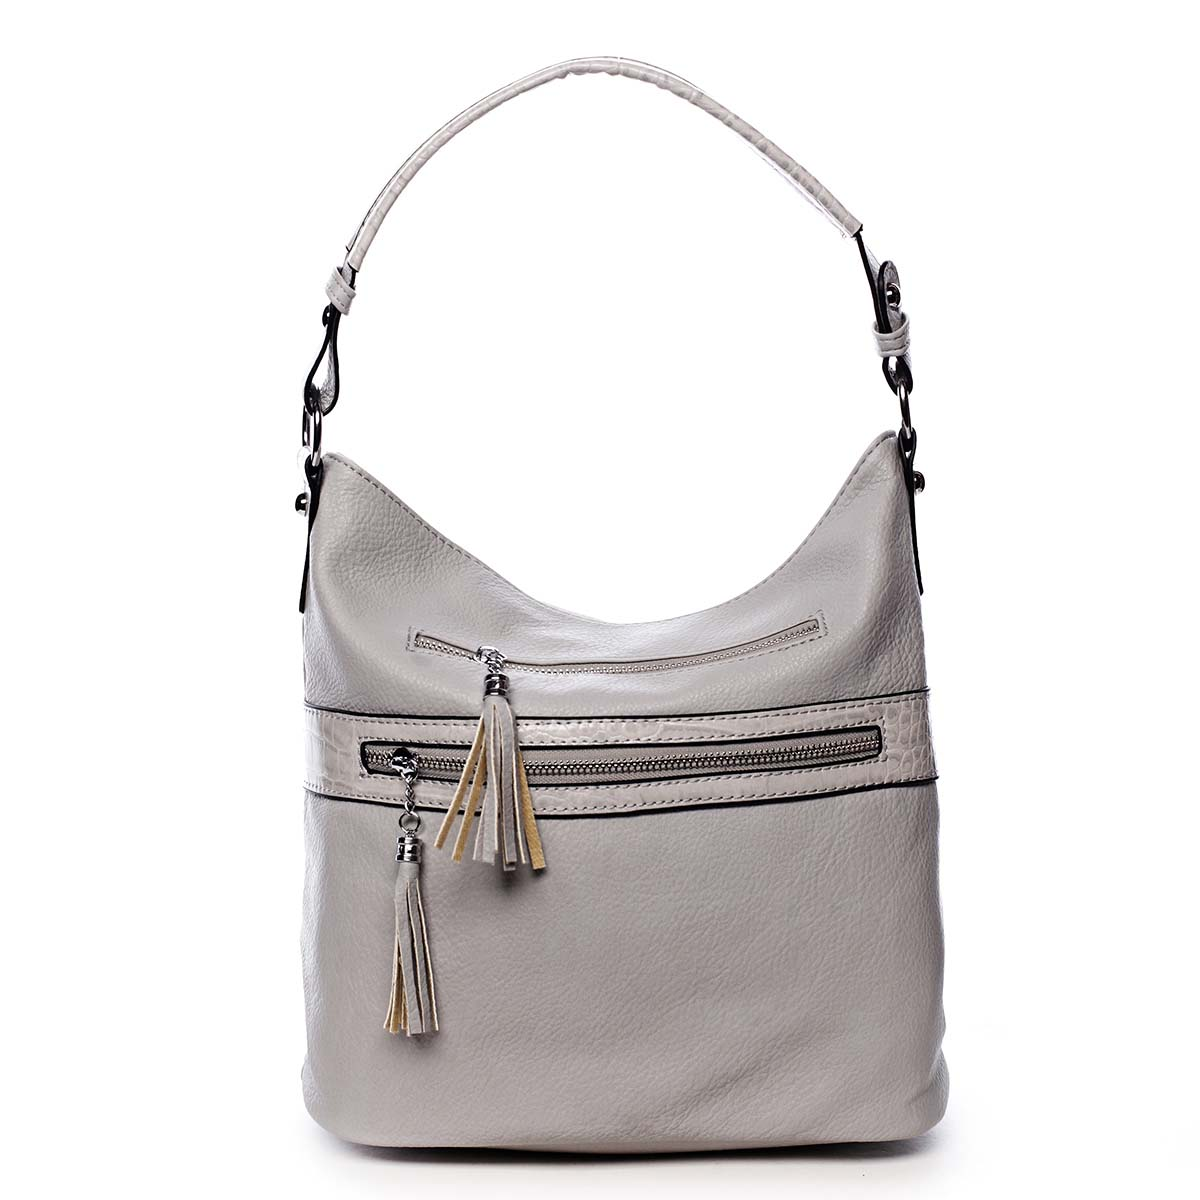 Dámská kabelka přes rameno světle šedá - Romina Becca